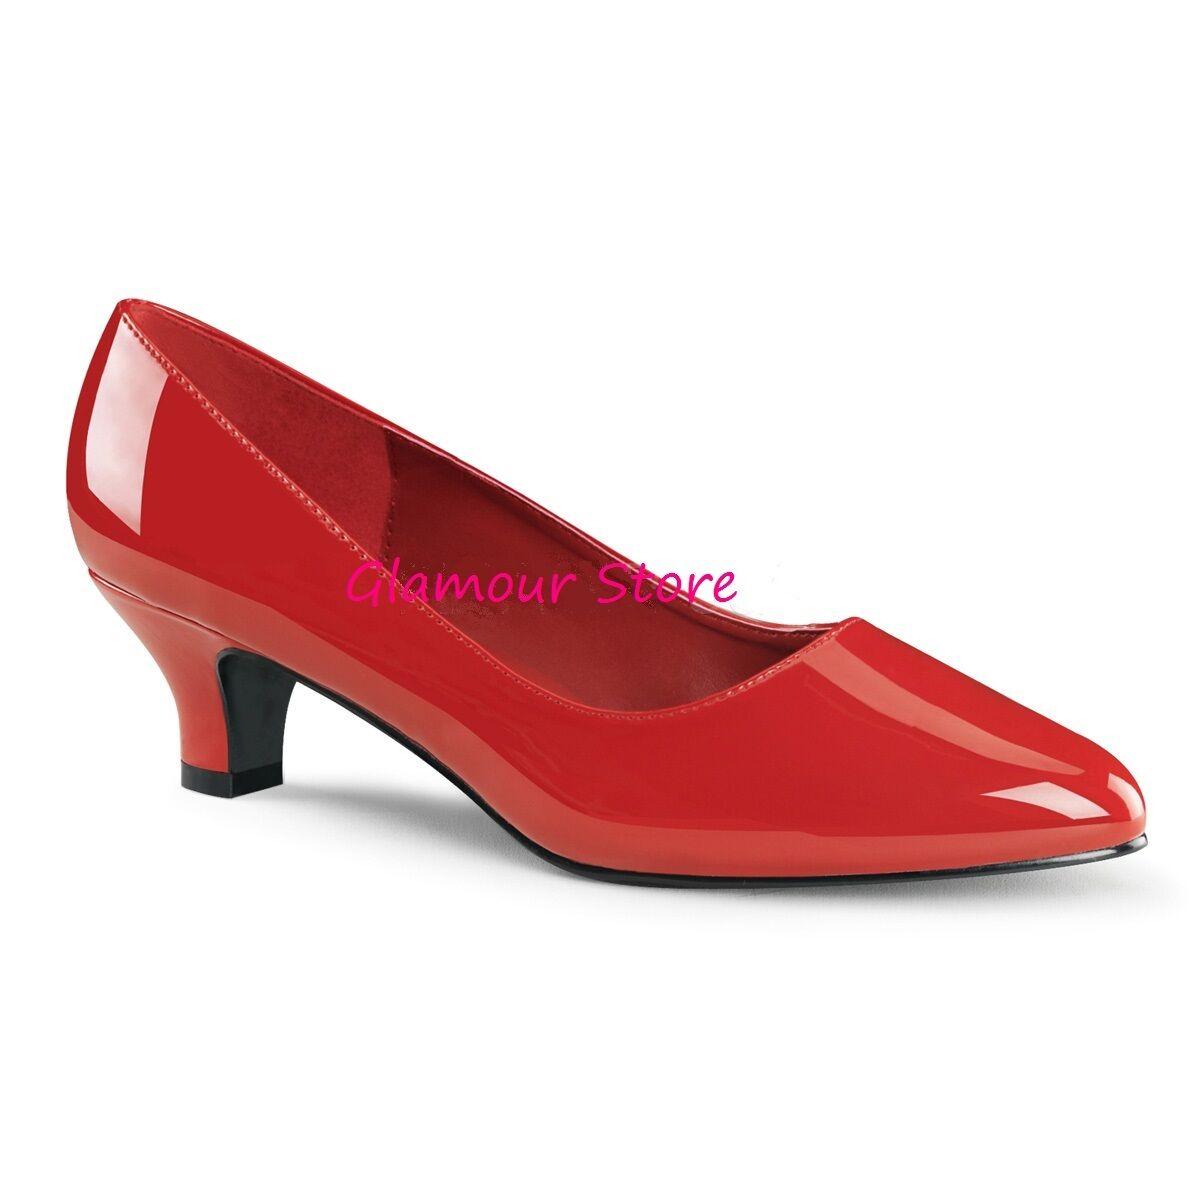 DECOLTE' tacco 5 cm al ROSSO LUCIDO dal 39 al cm 46 scarpe SEXY chic fashion GLAMOUR 8baa31